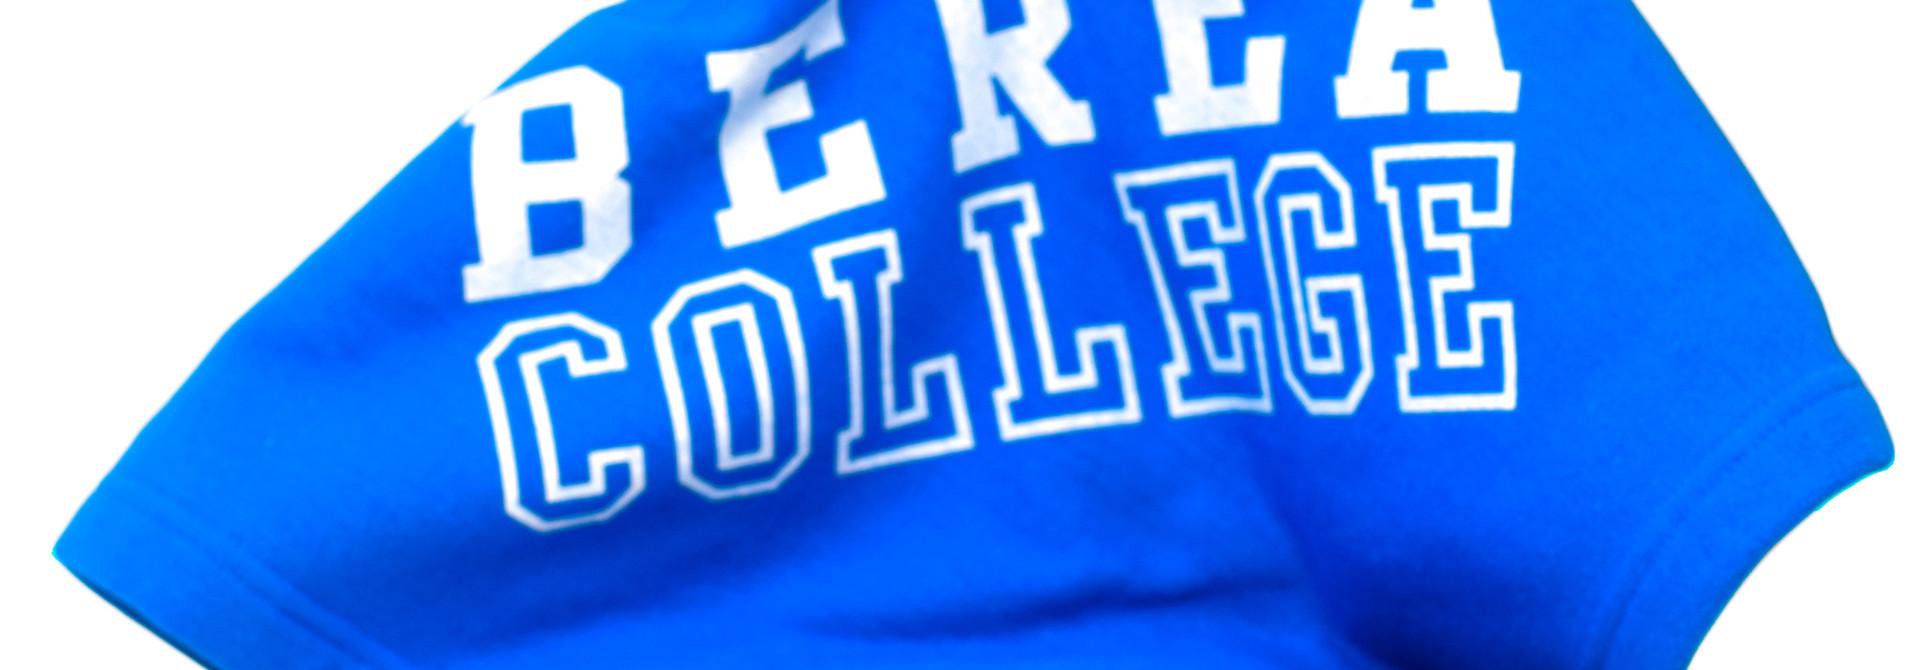 Blue Berea College Fleece Blanket